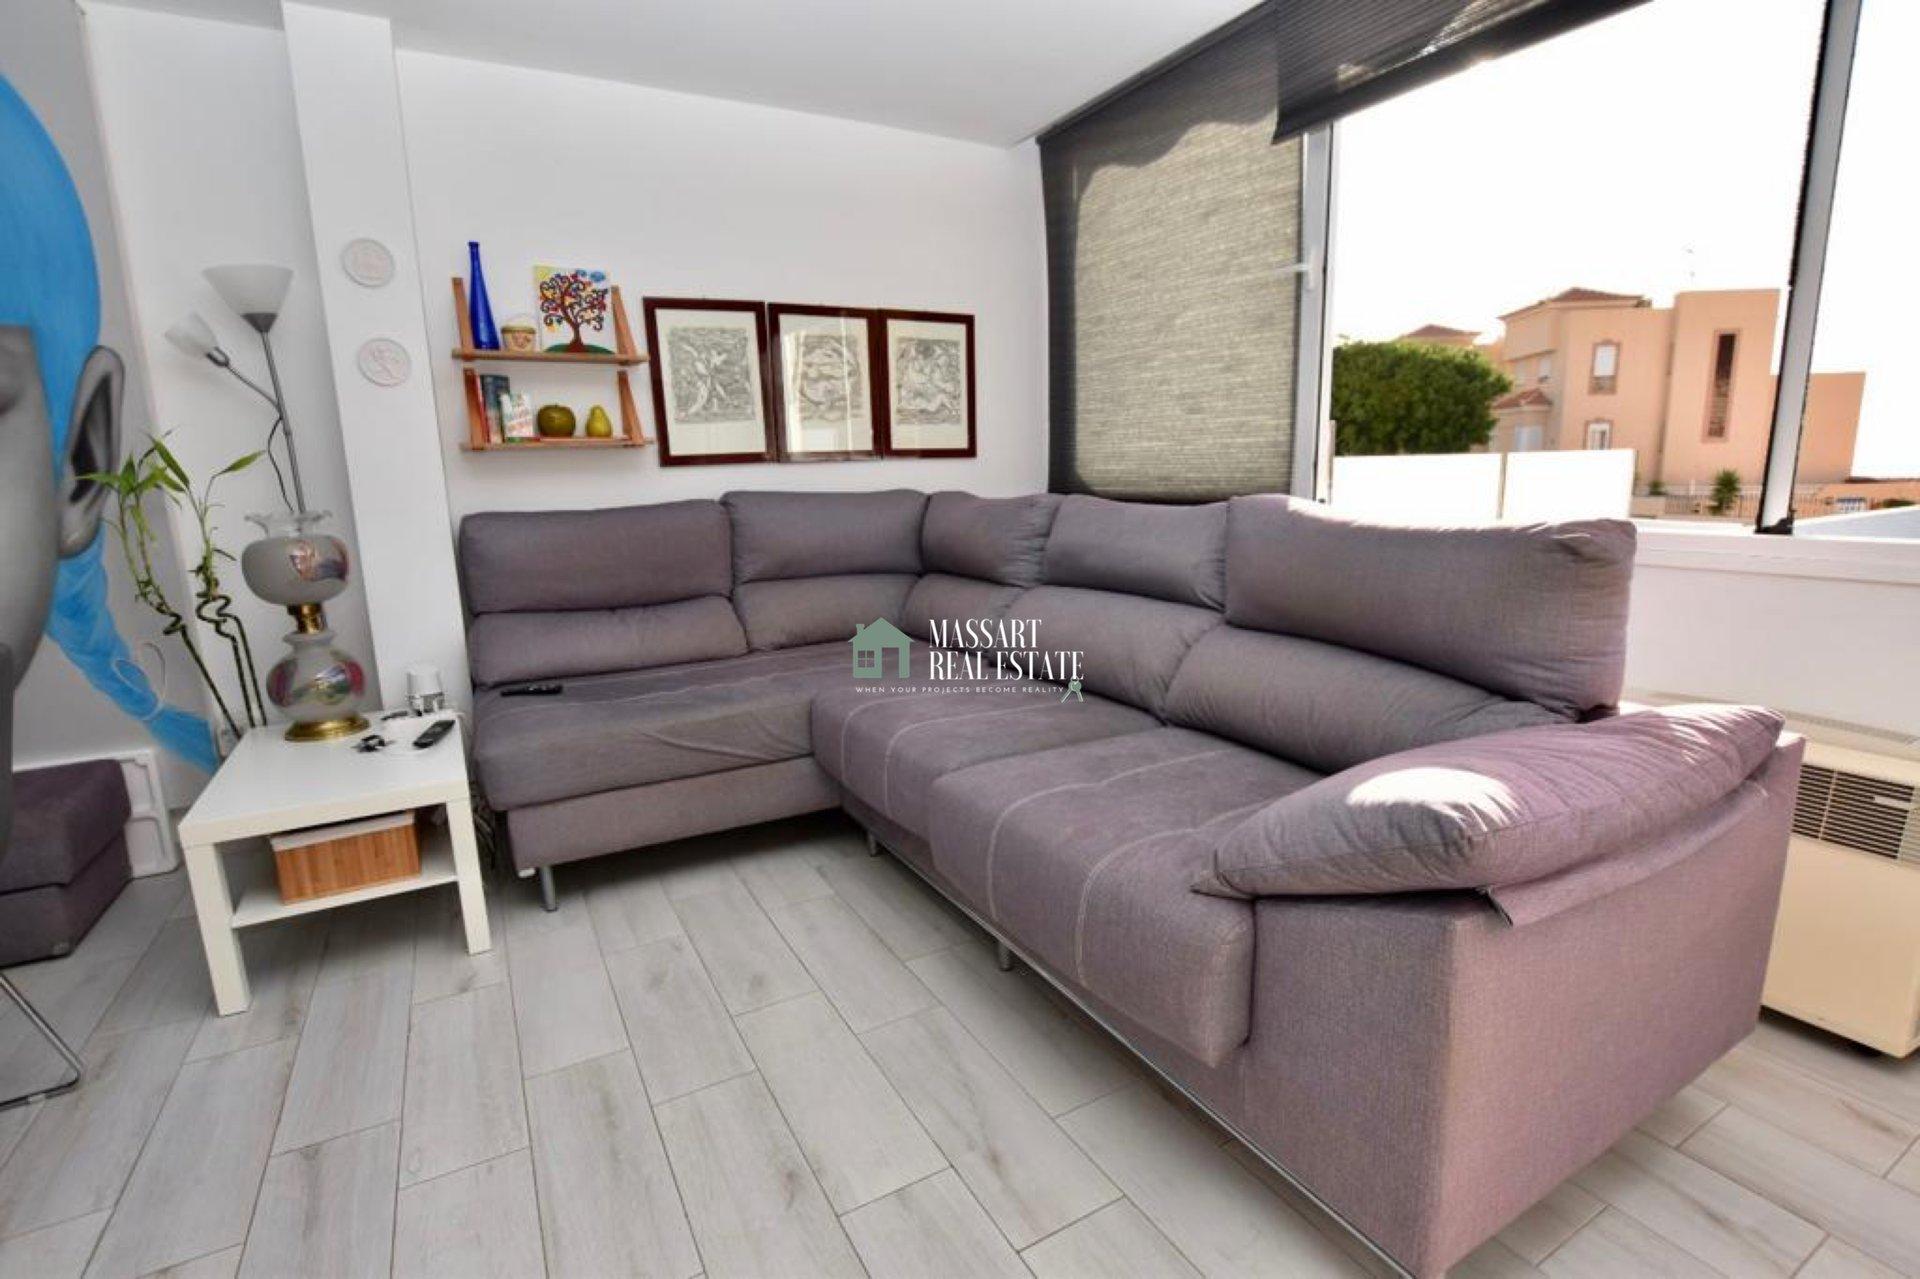 IN VENDITA a Torviscas Alto, casa a schiera d'angolo di 275 m2 caratterizzata da una meravigliosa terrazza privata e da una splendida vista sul mare.